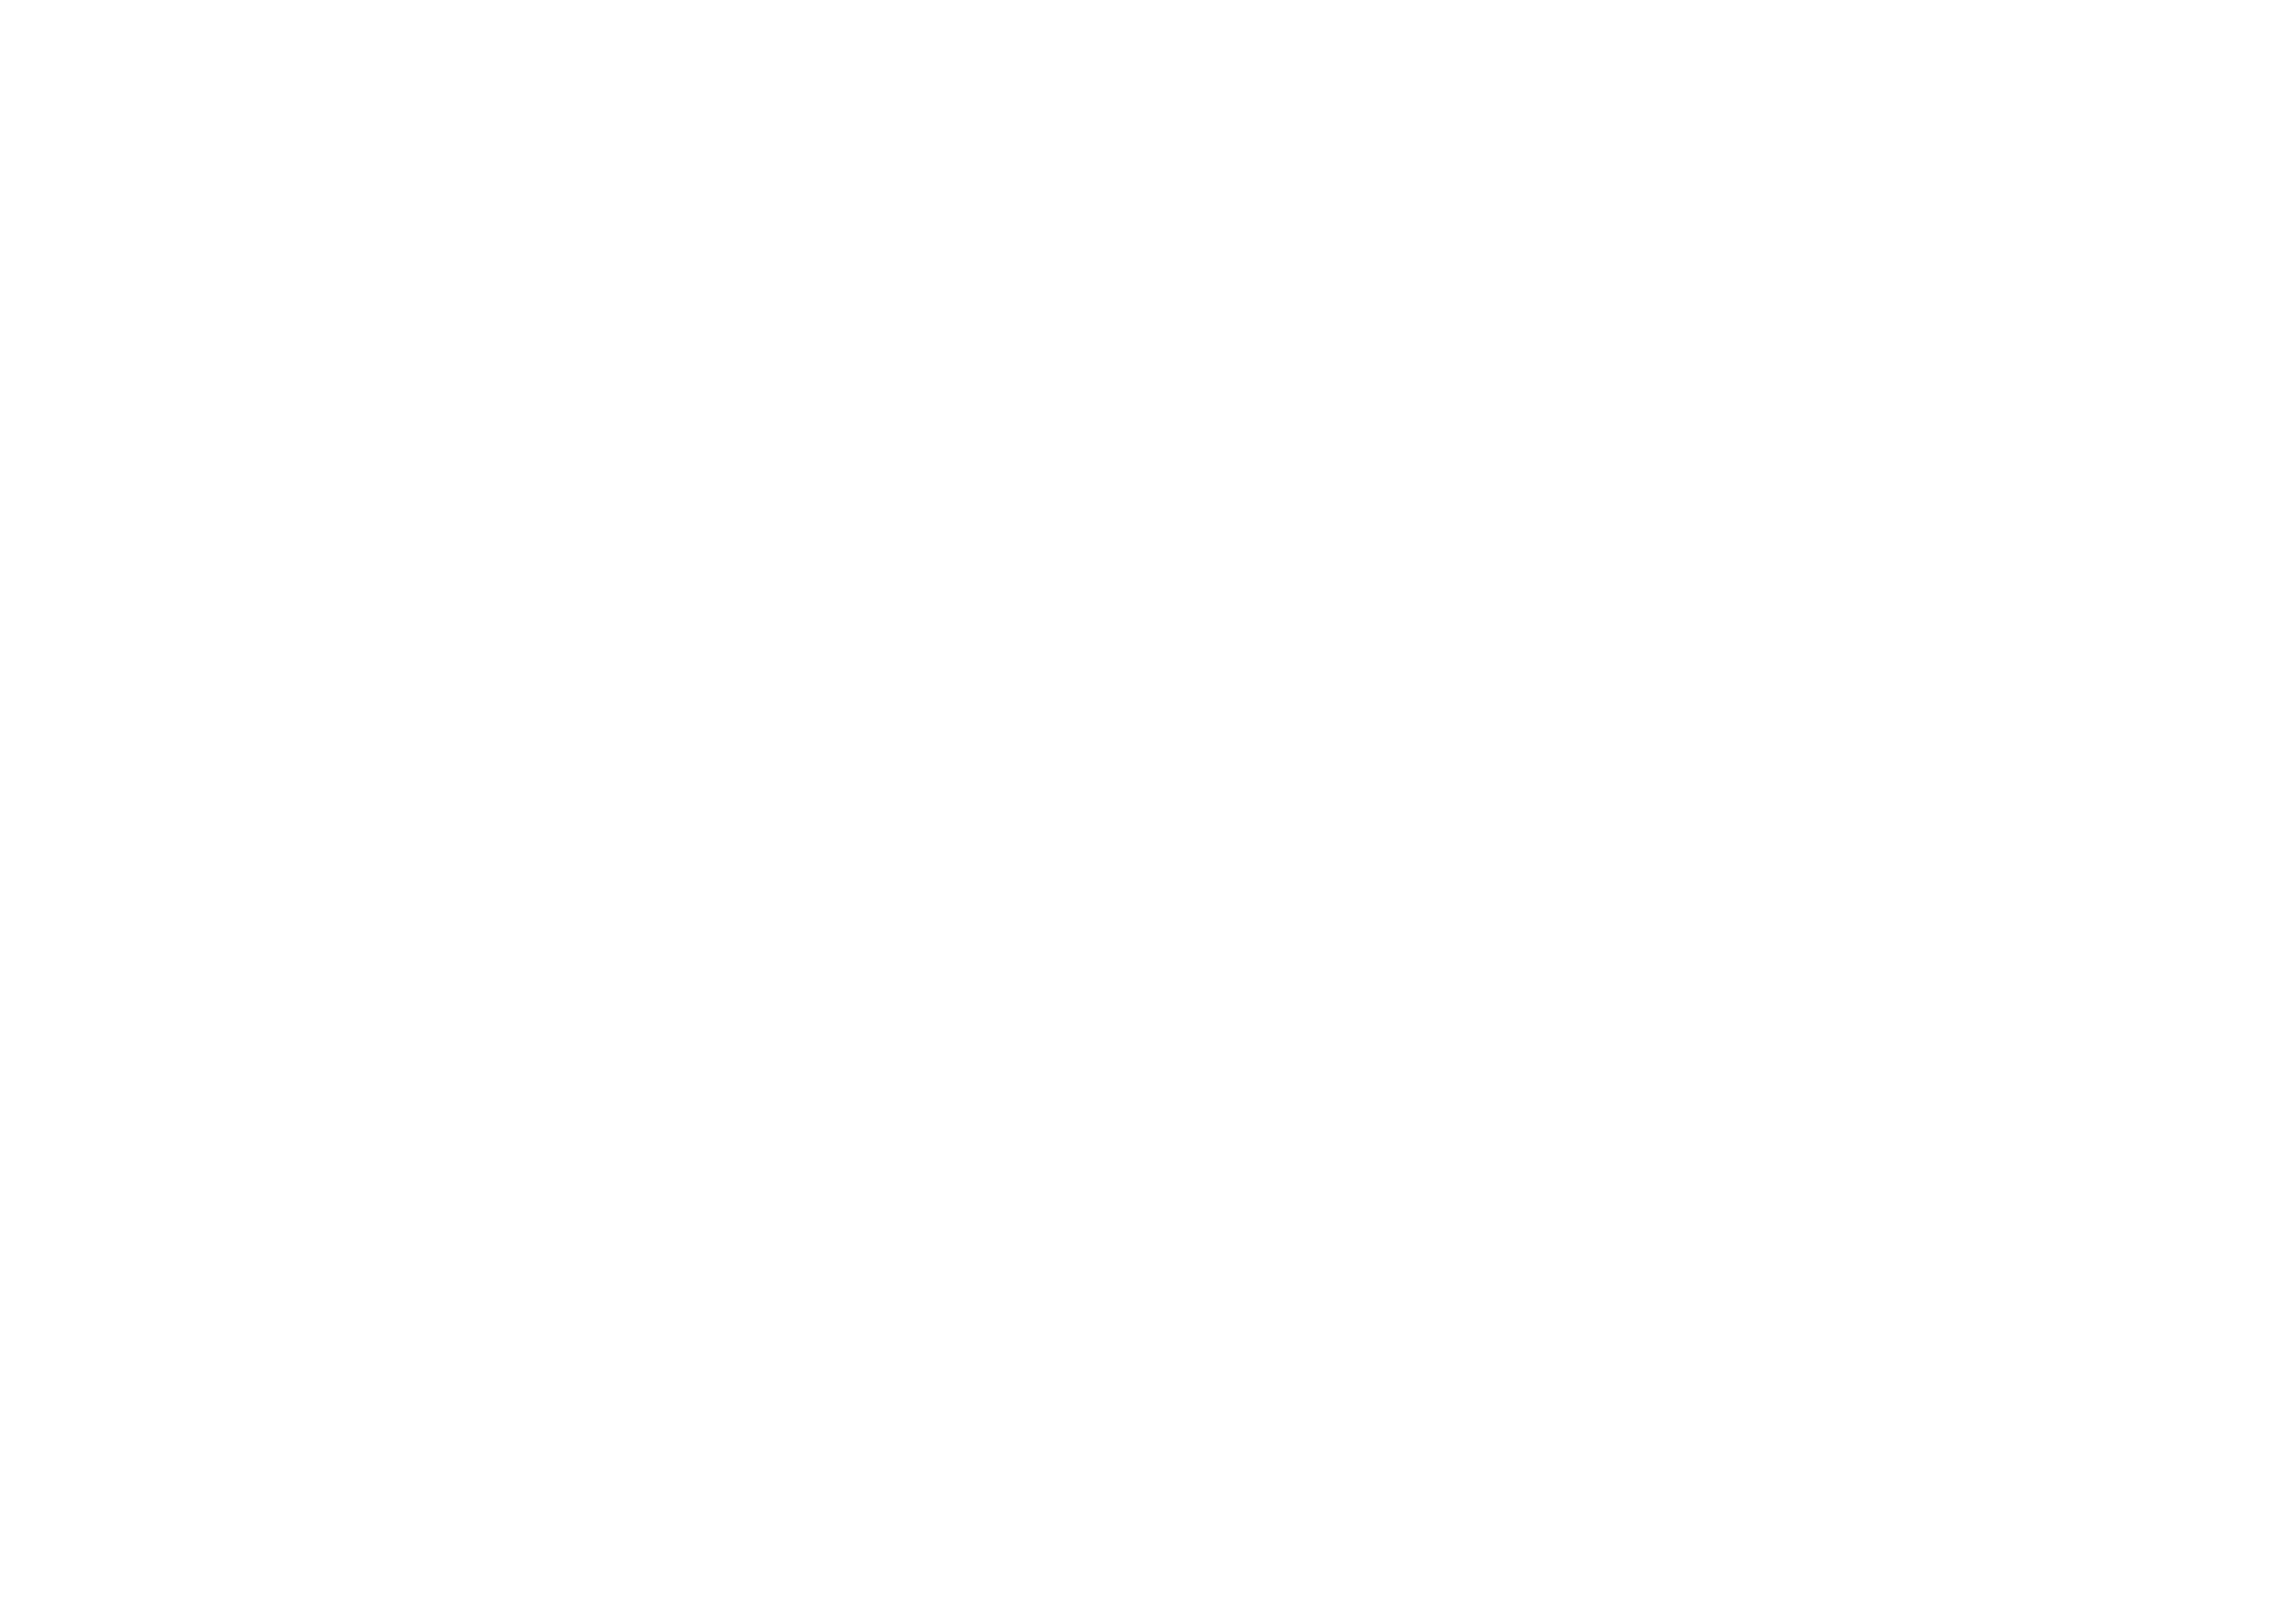 Destination Château de Pourtalès logo 2020